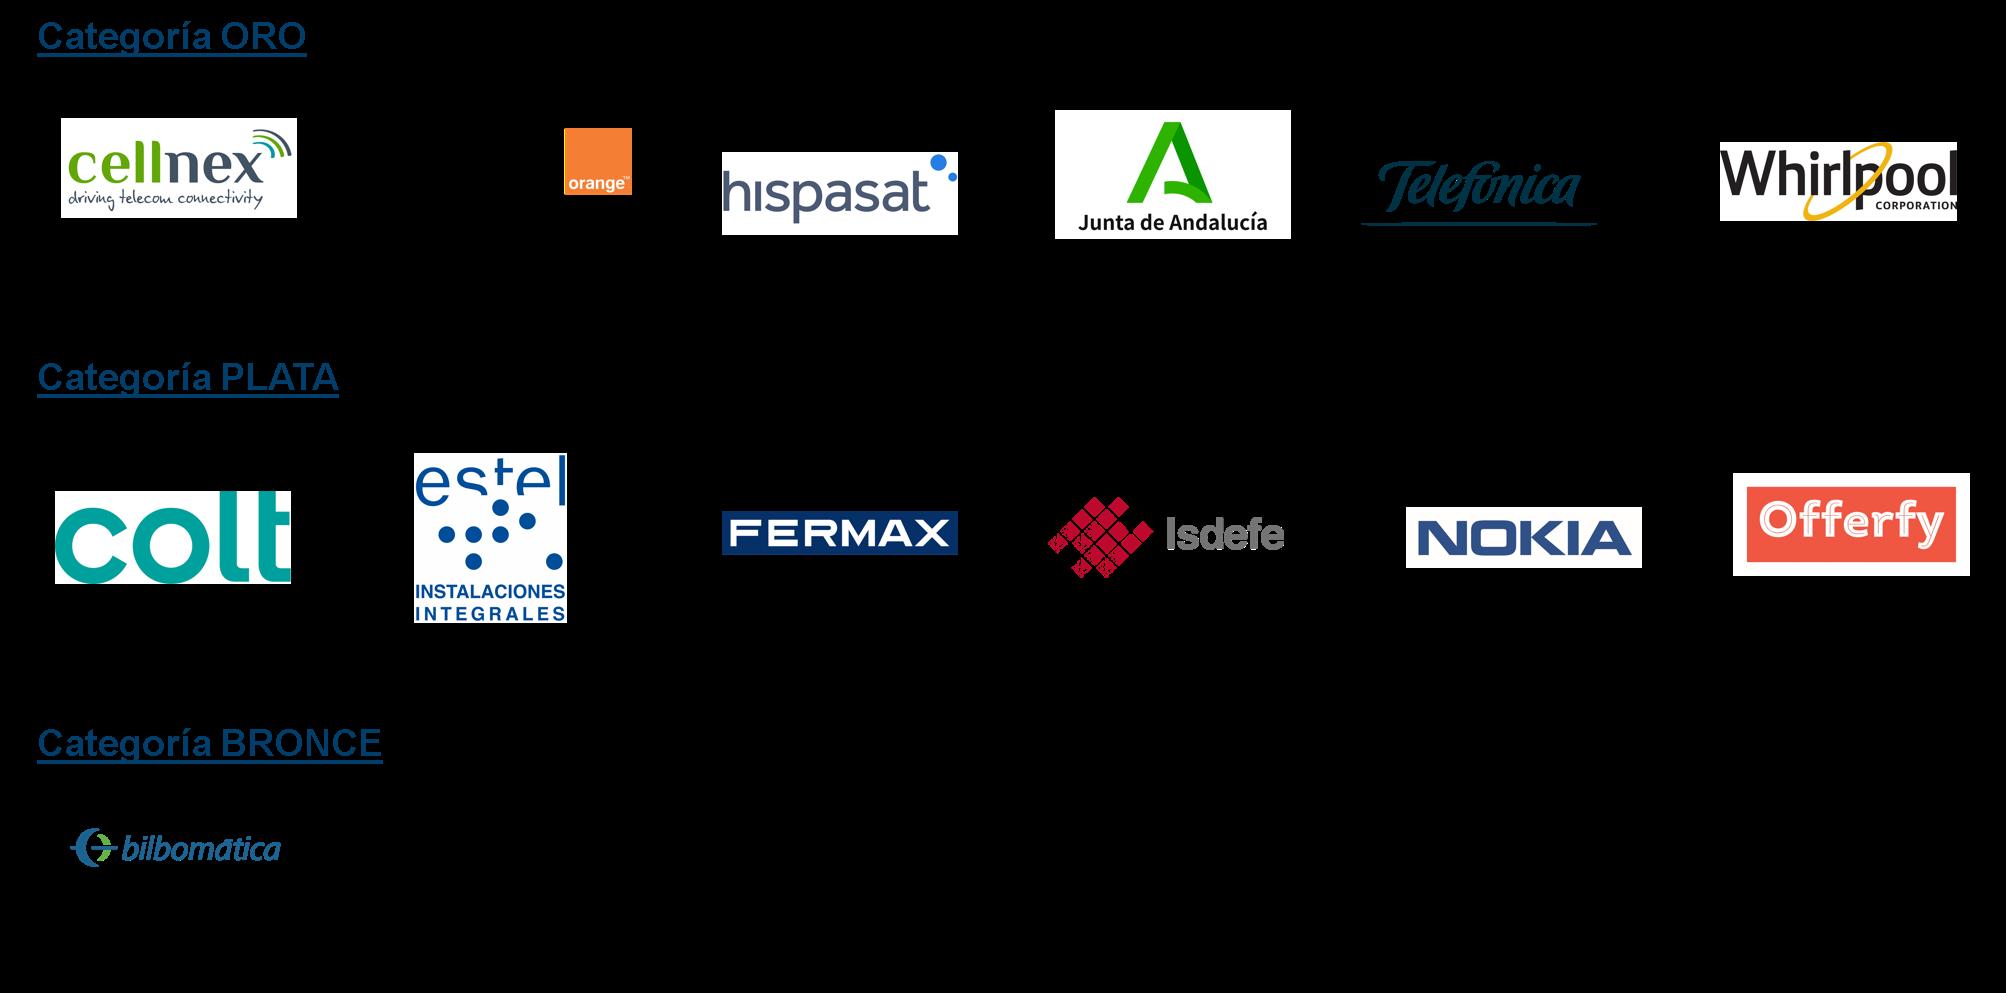 patrocinadores pioneras